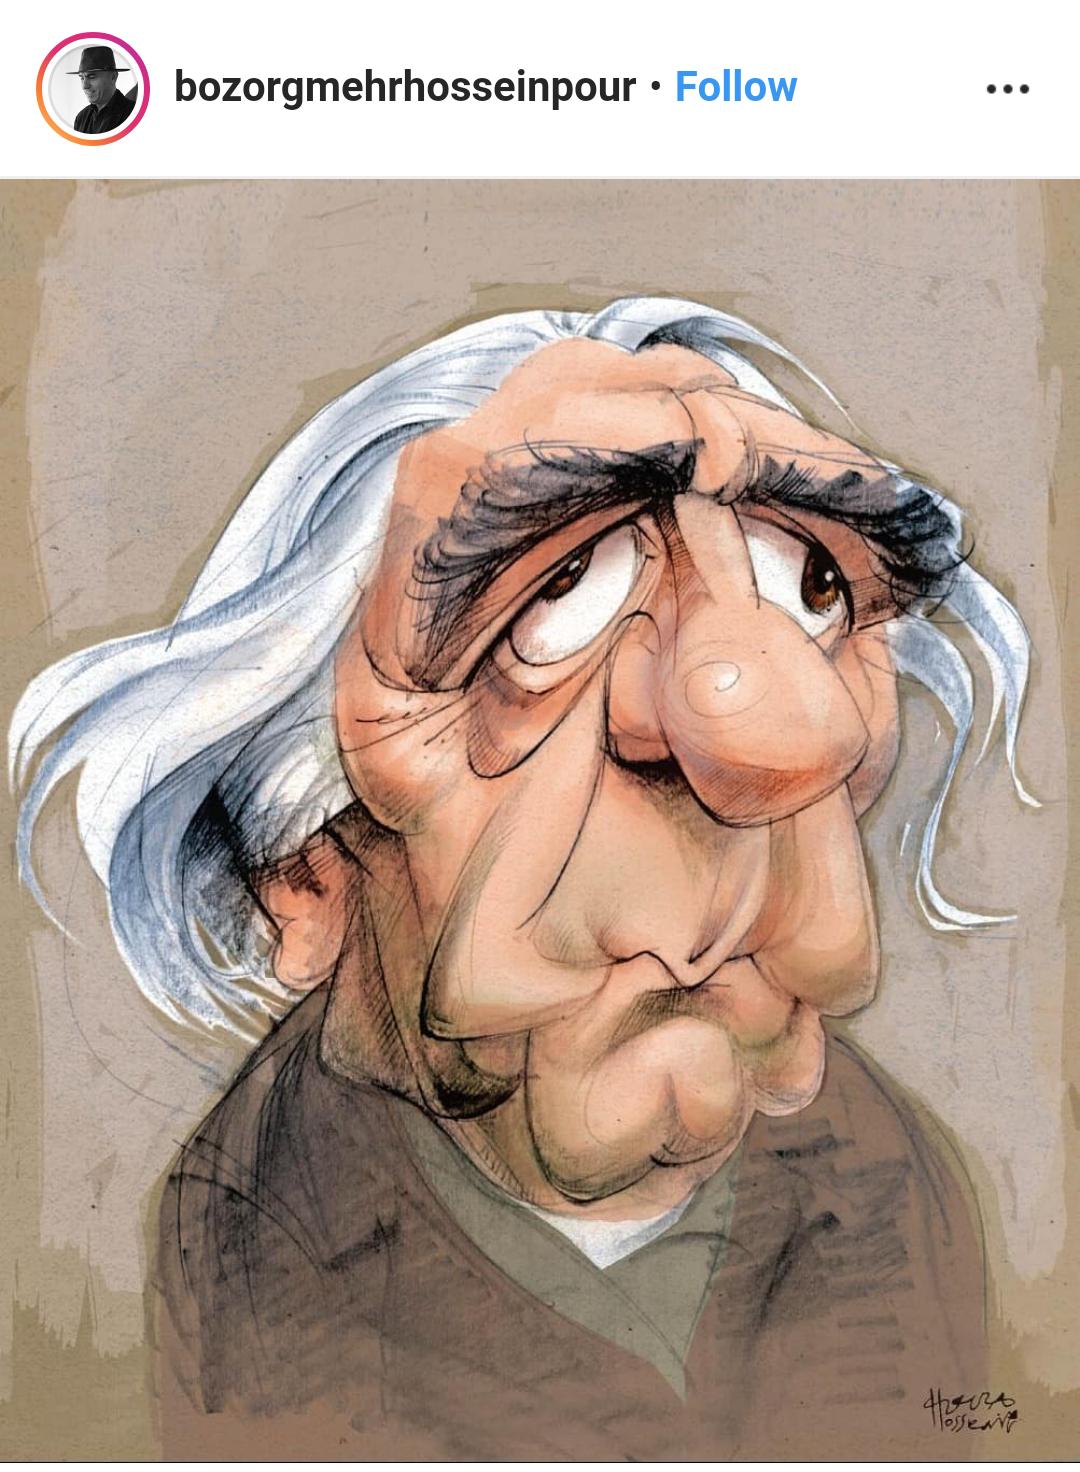 خاطرهی طنز بزرگمهر حسینپور از ناراحتی عزتالله انتظامی از یک کاریکاتور